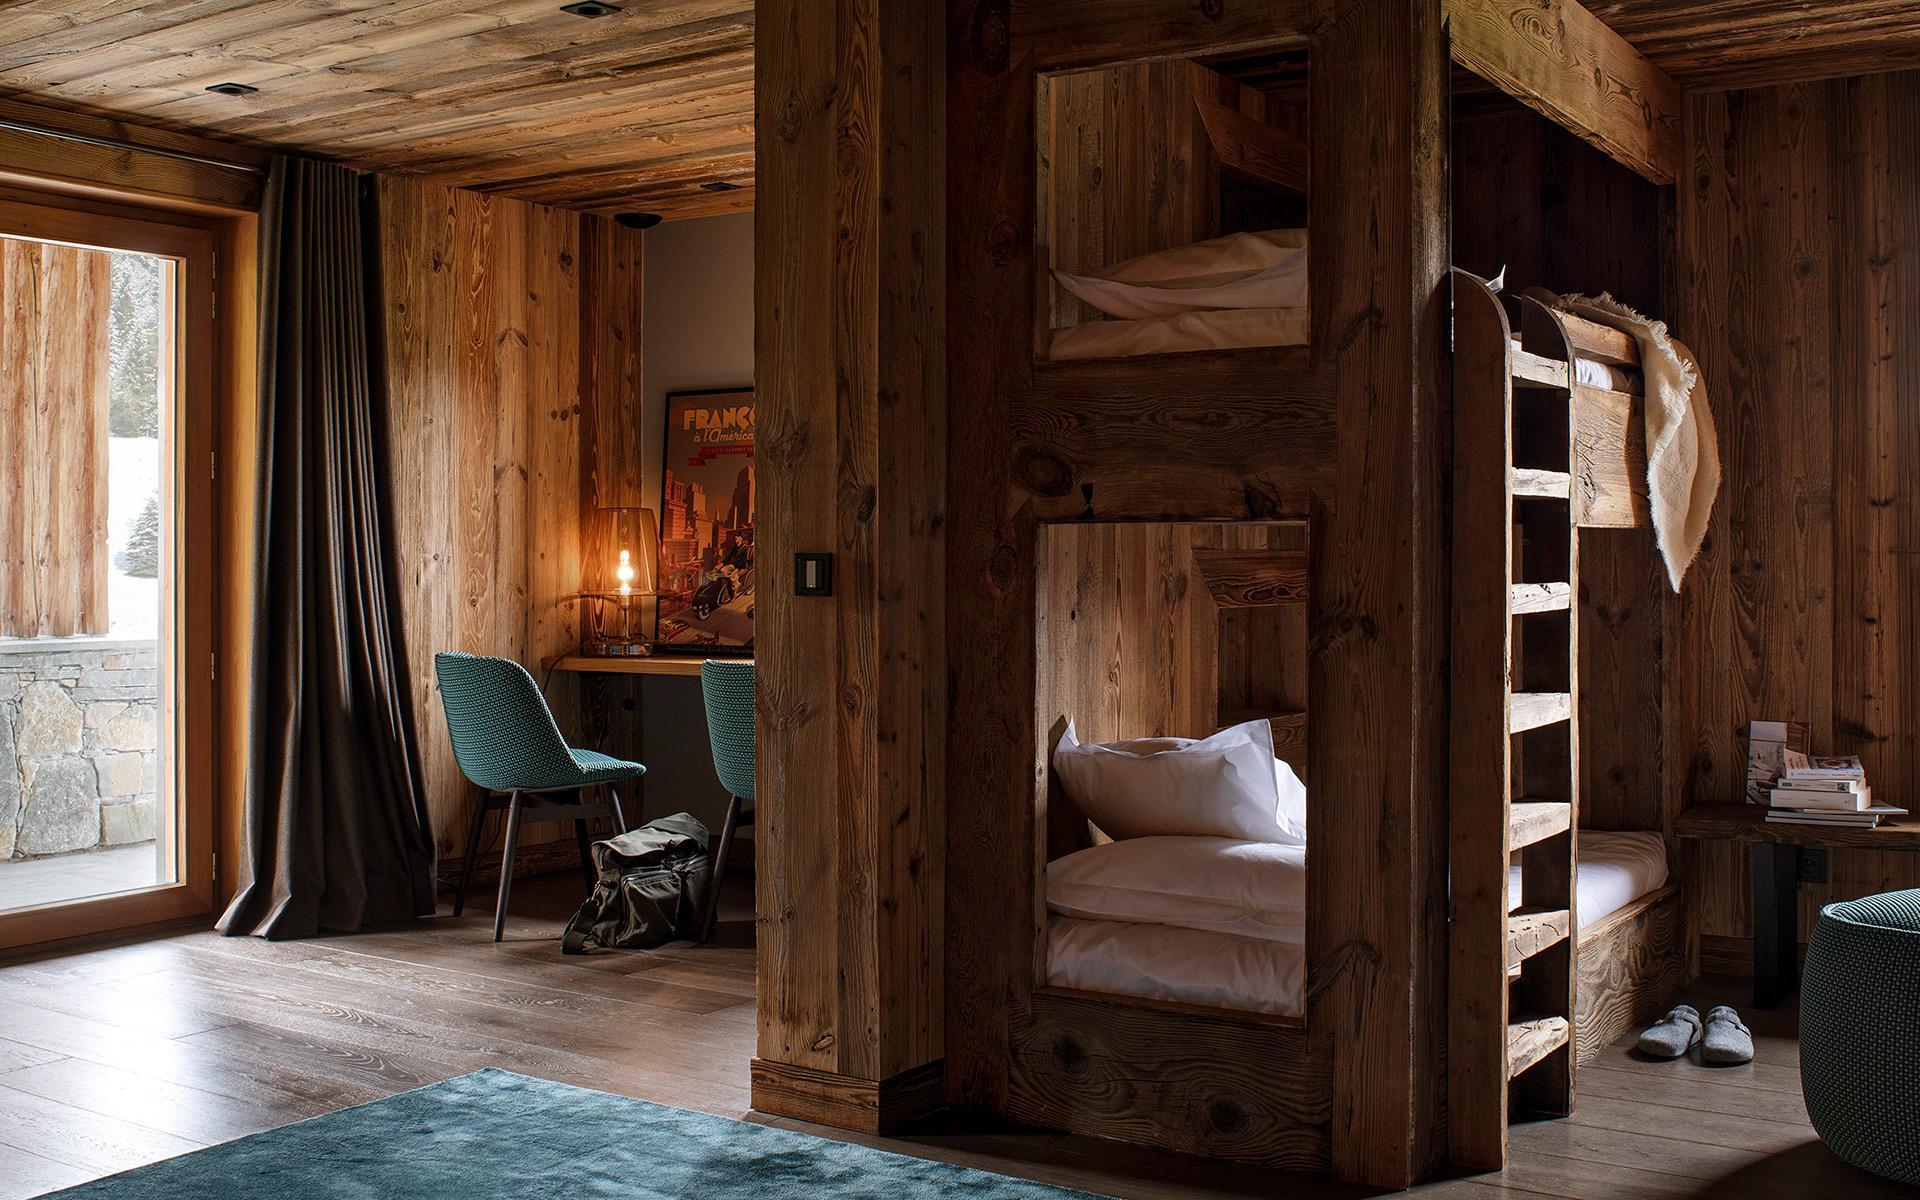 chalet-luxe-lodge-les-murailles-manigold-alpes-incentive-ski-hebergement-seminaires-de-caractere